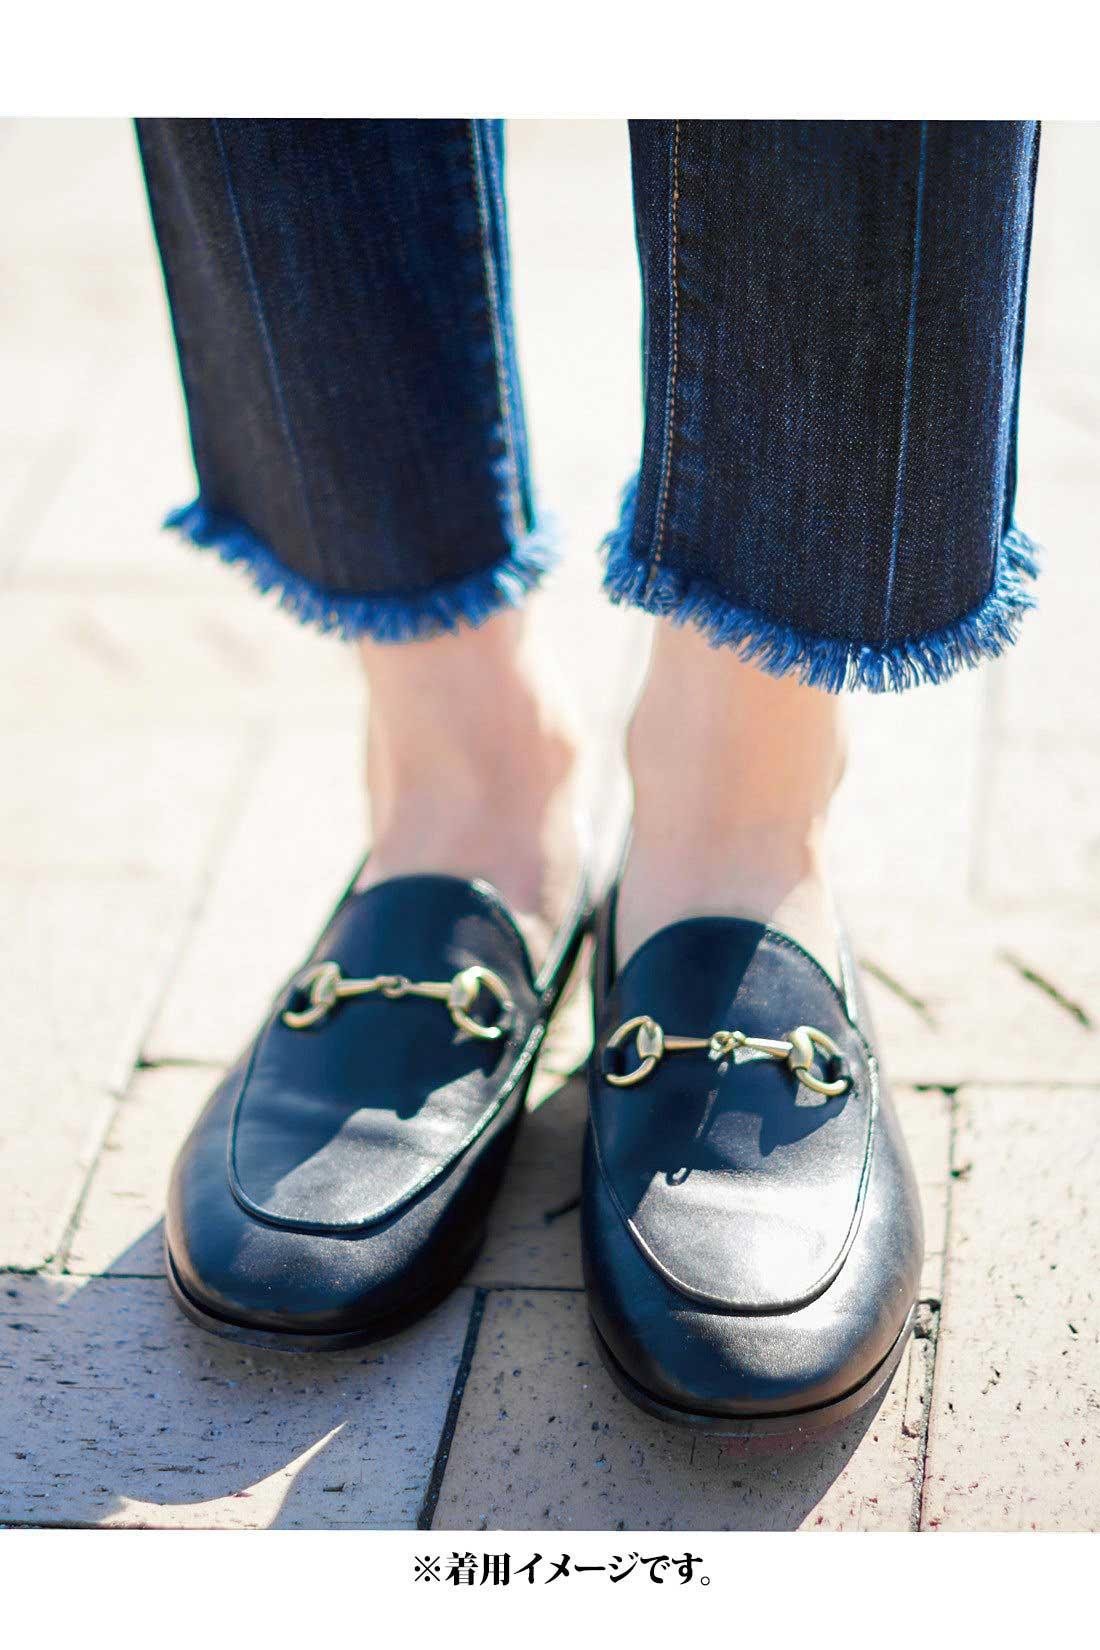 どんな靴とも好バランスな絶妙丈。適度にゆとりのあるすそ幅が足もとをすっきりと演出。パンプスはもちろんのこと、ぺたんこシューズやスニーカーにも好相性なバランスにこだわりました。